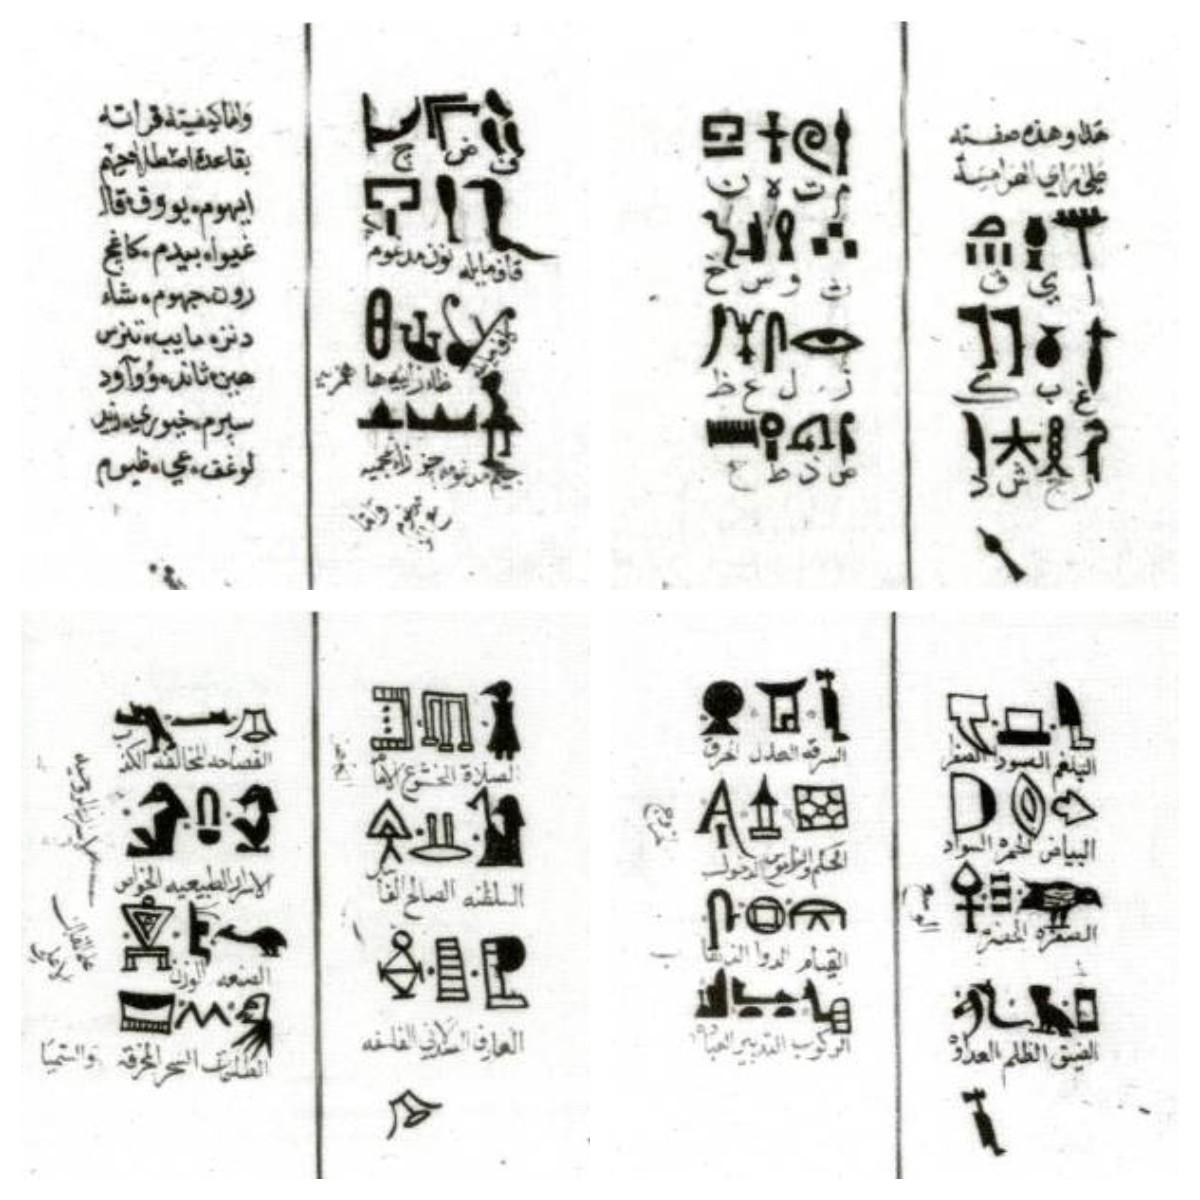 من مخطوطات العرب المسلمين عن اللغة المصرية القديمة